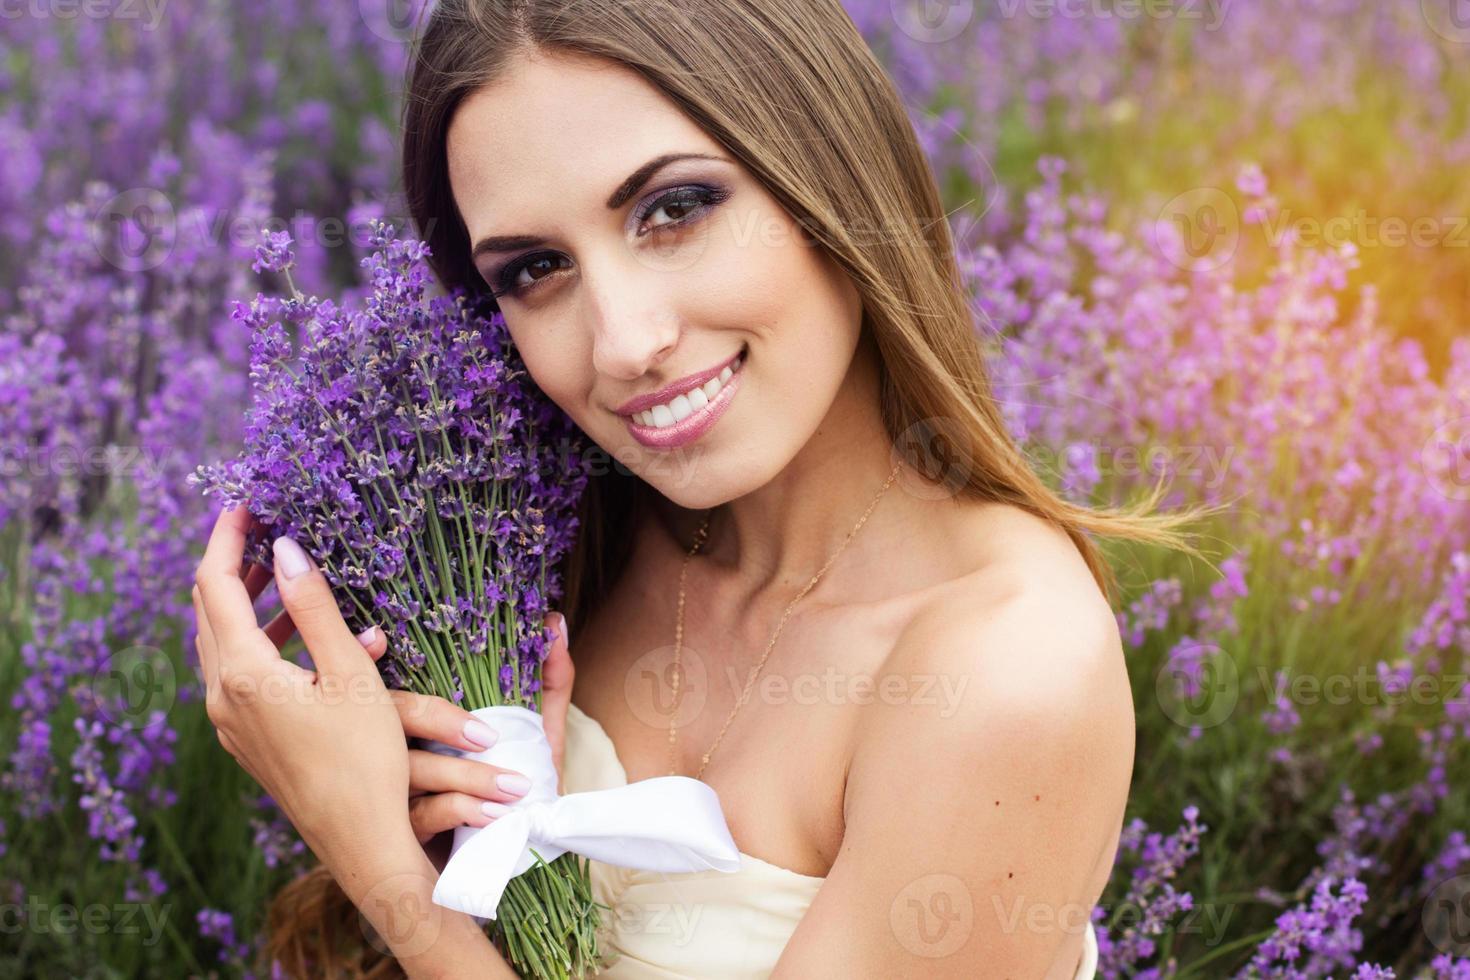 retrato de menina com maquiagem moda no campo de lavanda roxo foto